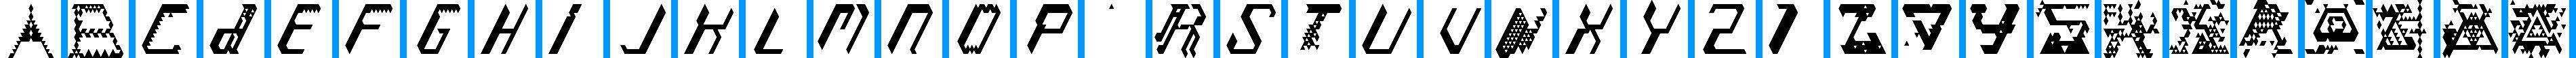 Particip-a-type v.264